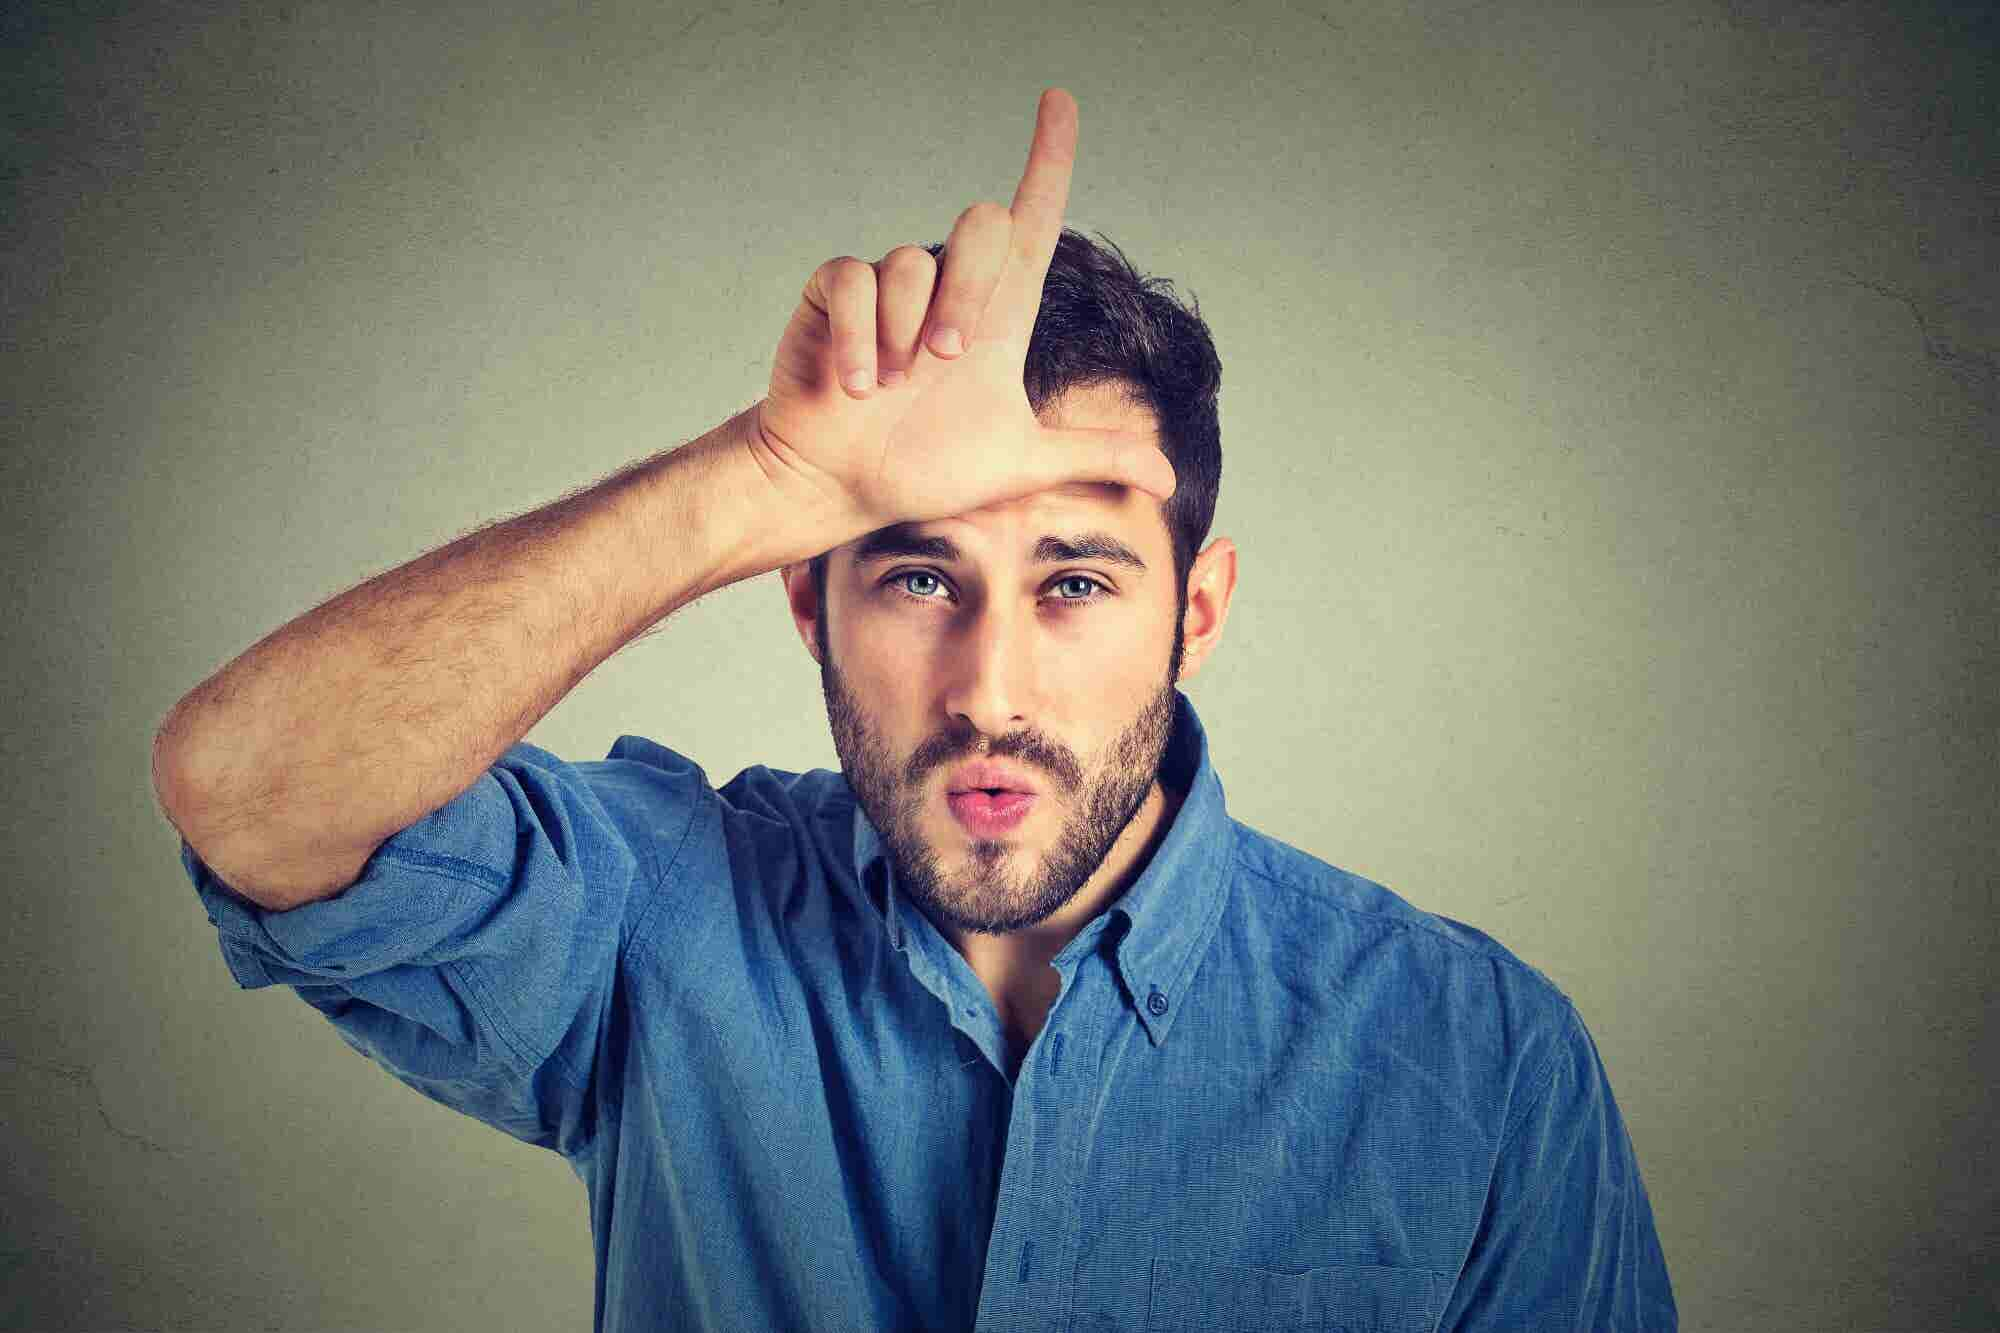 Si quieres innovar y tener éxito, tienes que dar un primer paso: sé un 'loser'